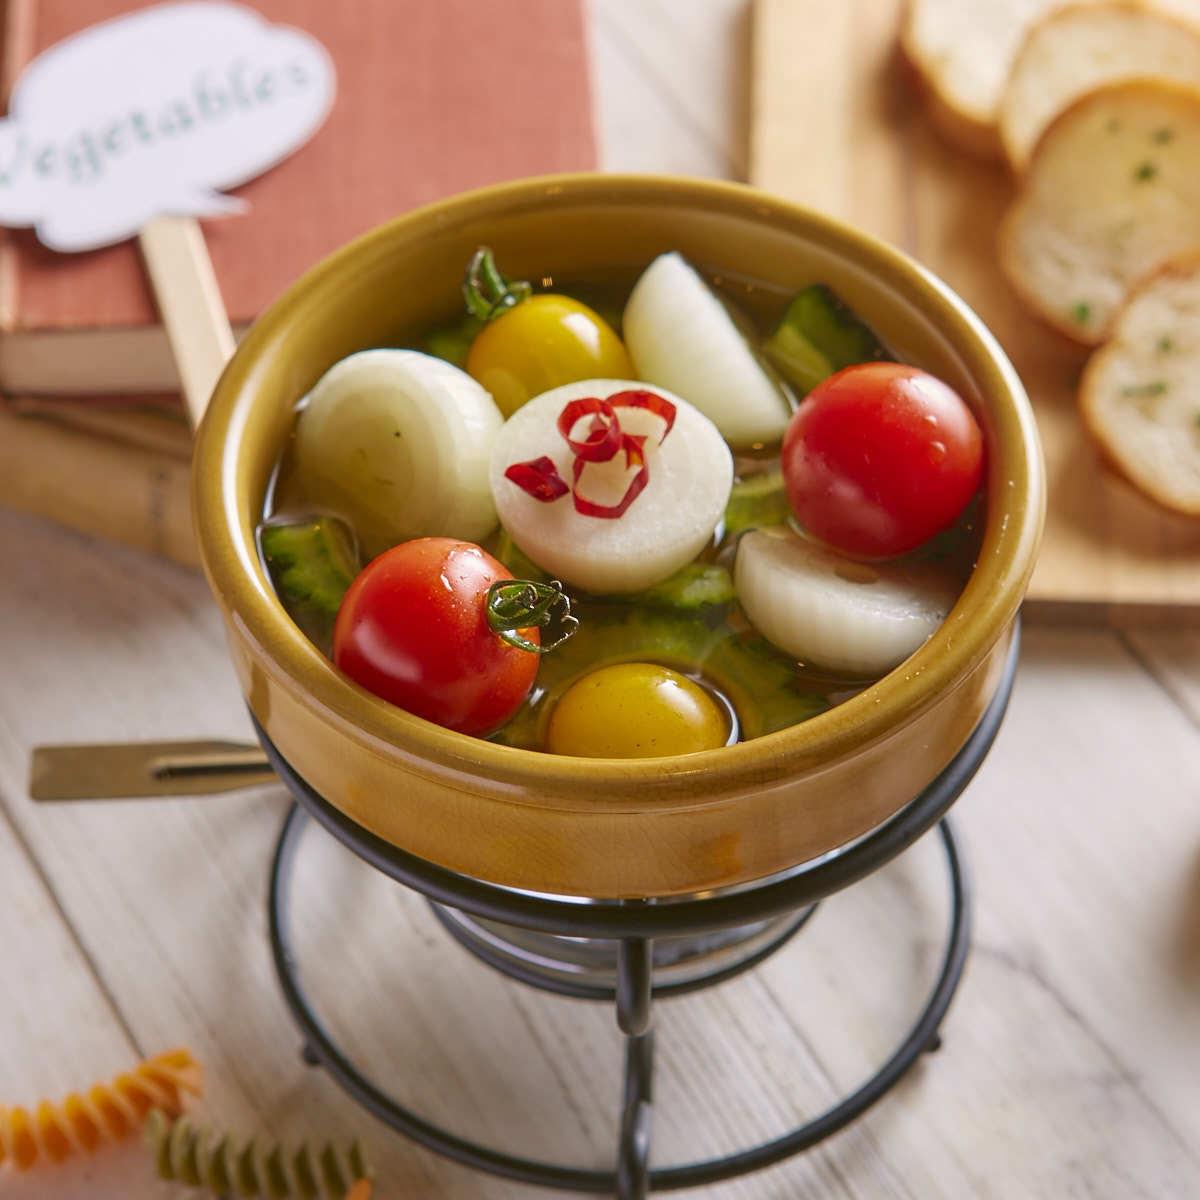 【蔬菜】季节性Bejjio